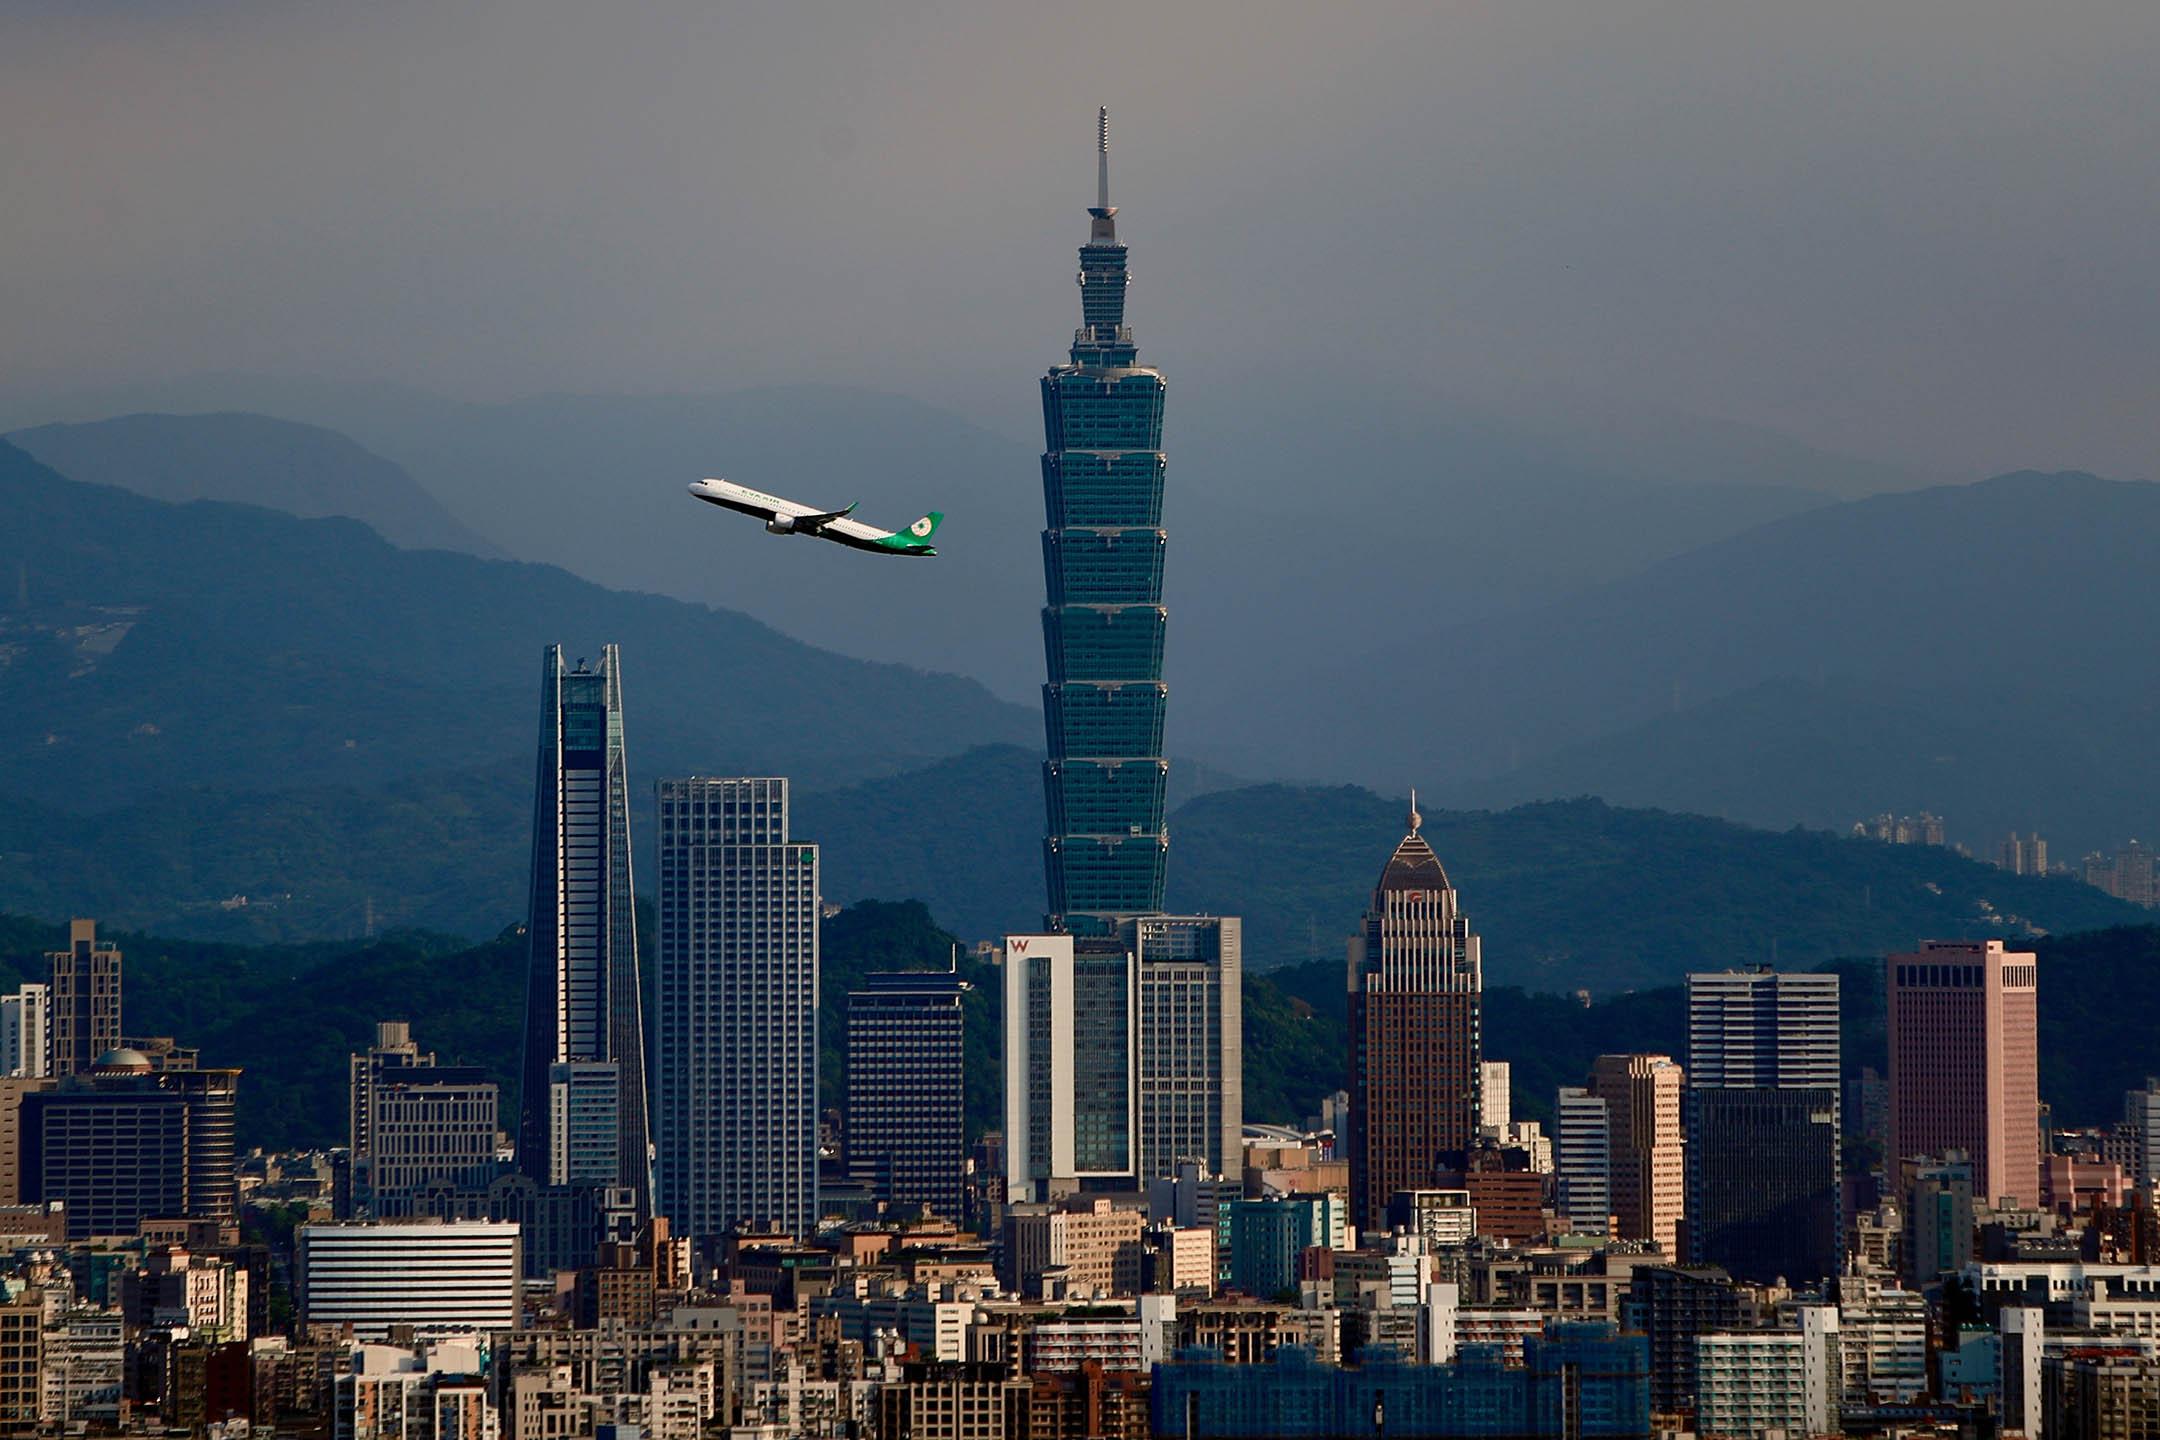 2020年7月12日台北,飛機經過台北101大樓。 攝:Ceng Shou Yi/NurPhoto via Getty Images